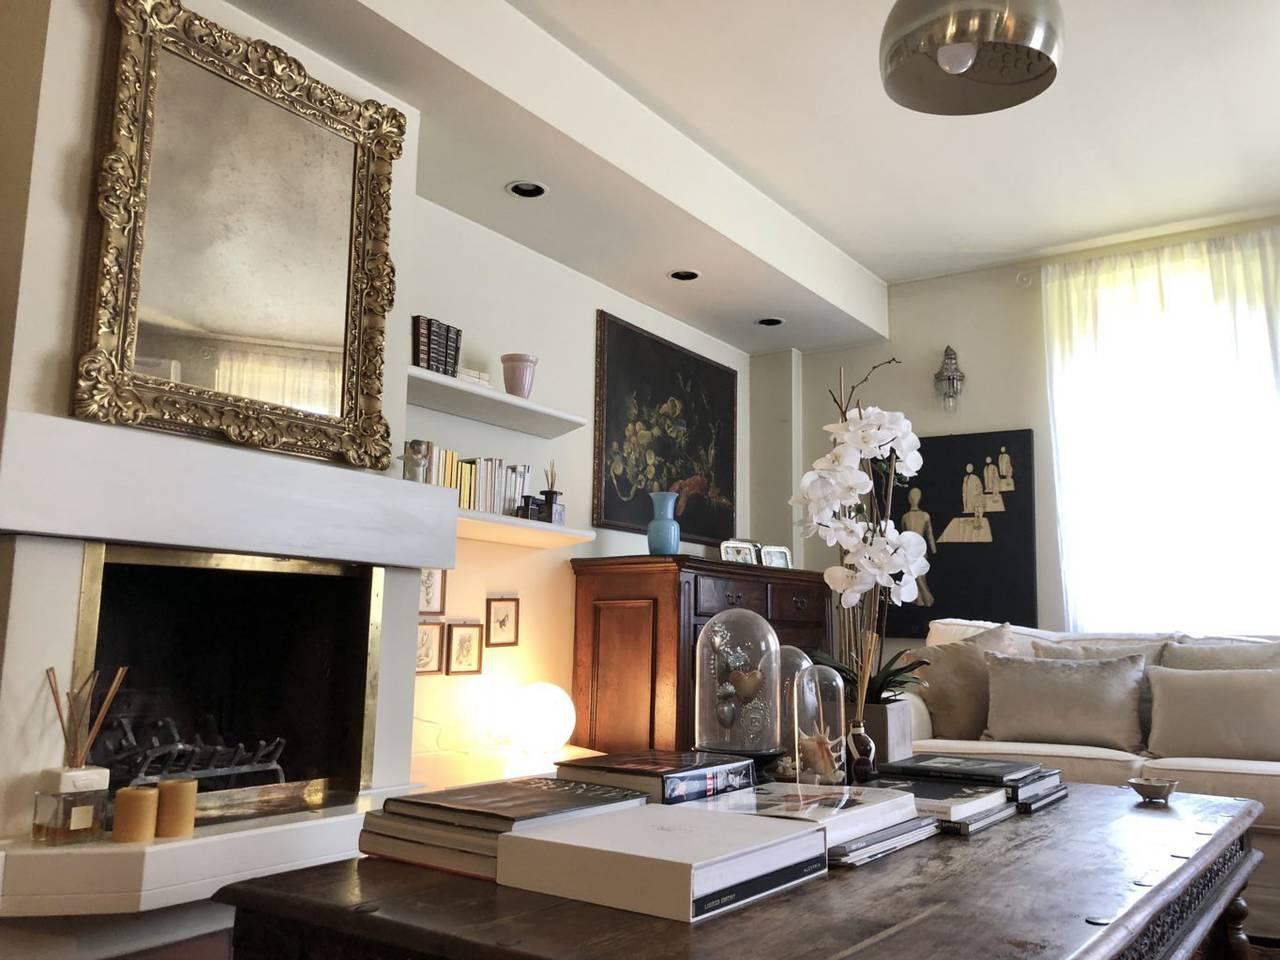 Villa-in-vendita-a-Caronno-Pertusella-34